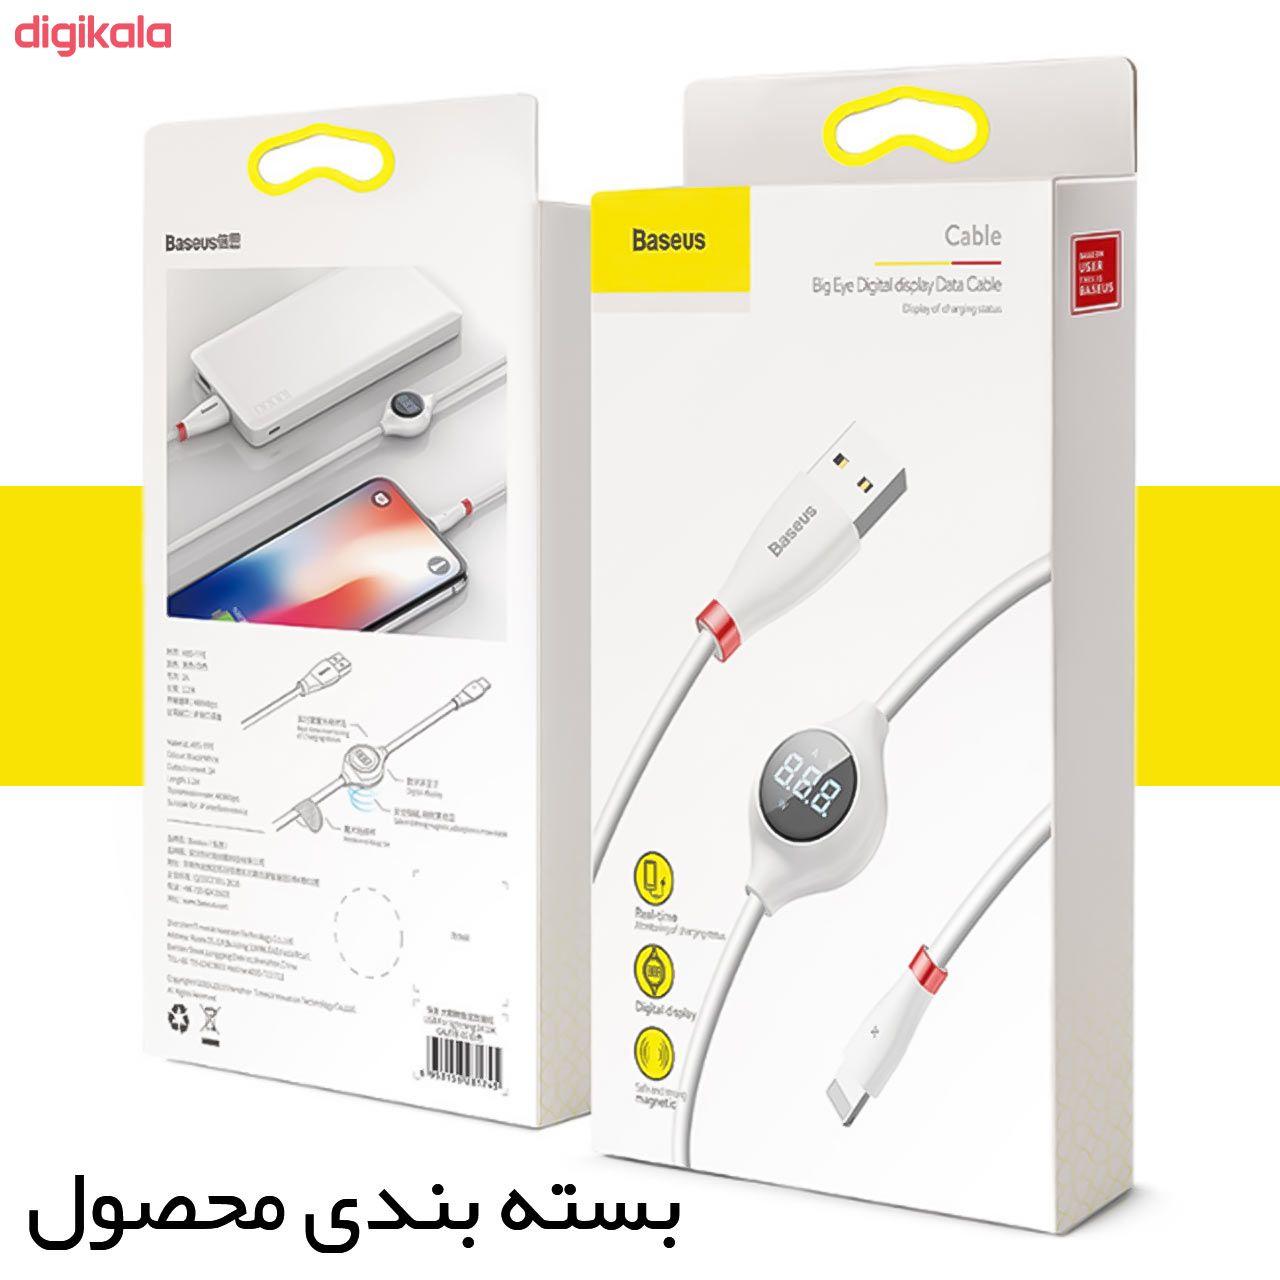 کابل تبدیل USB به لایتنینگ باسئوس مدل CALEYE طول 1.2 متر main 1 5